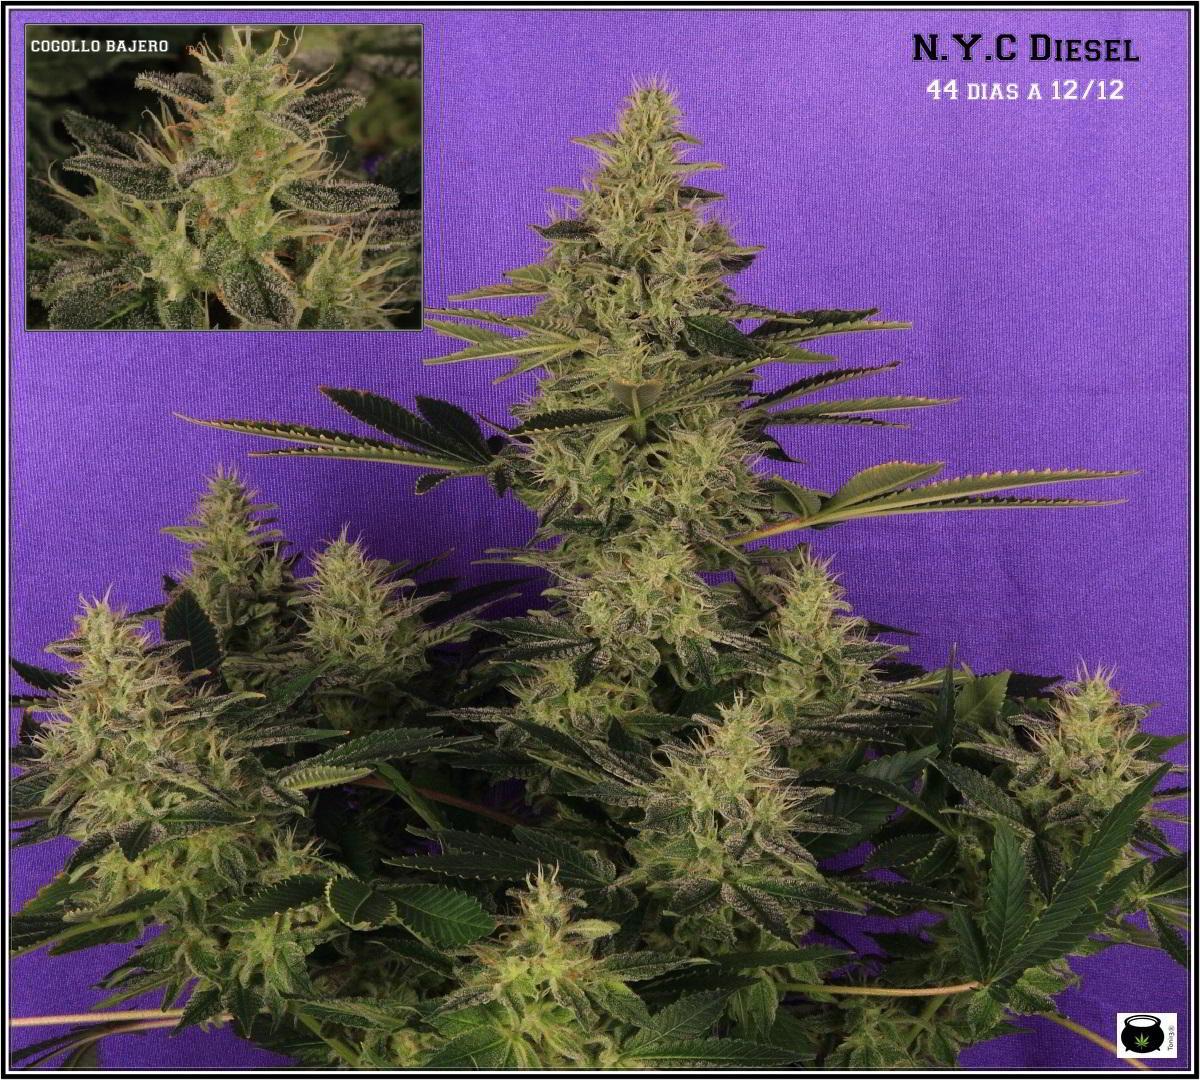 37- Variedad de marihuana NYC Diesel 44 días a 12/12 La monstruosa 2